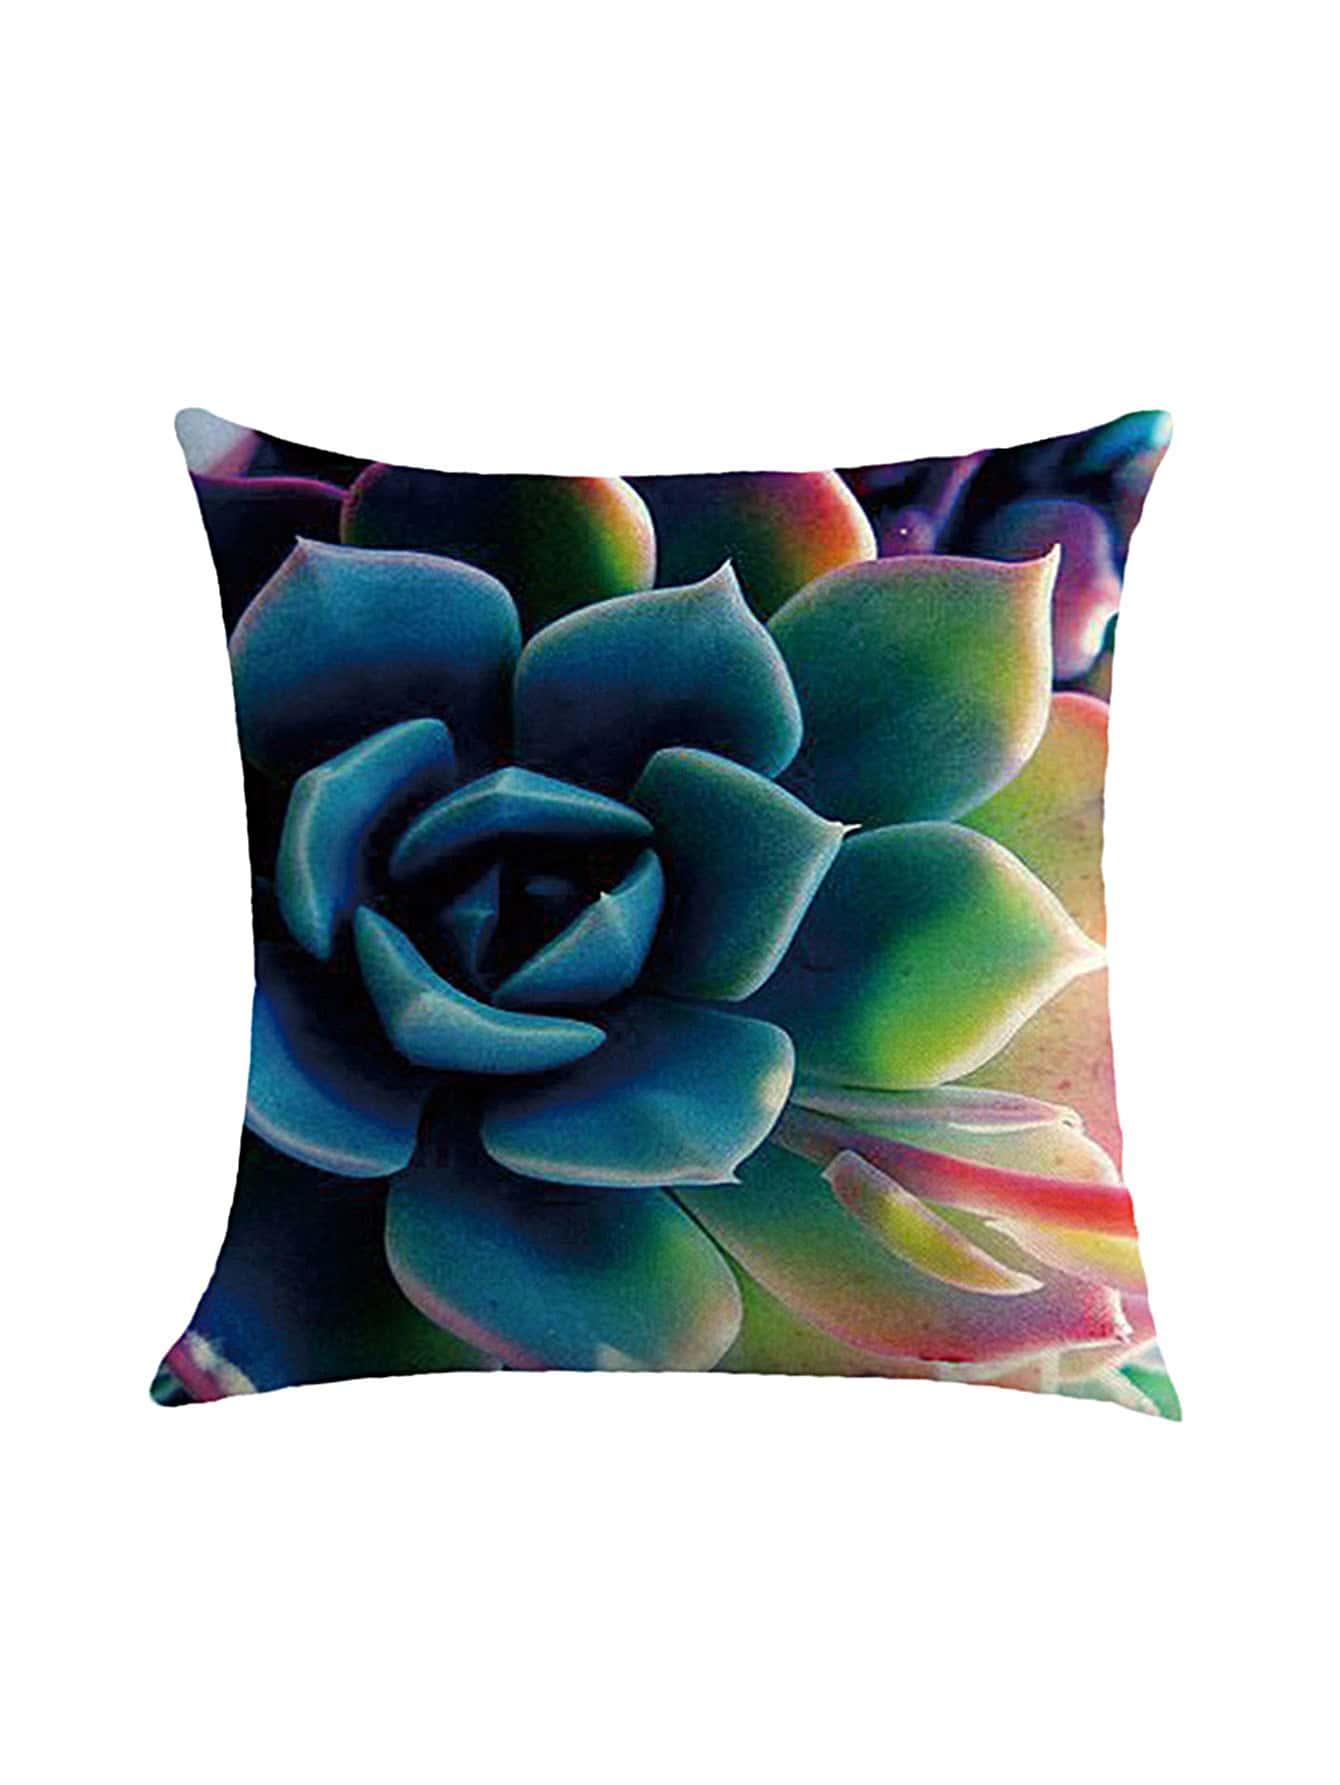 Succulent Plant Leaf Print Pillowcase Cover